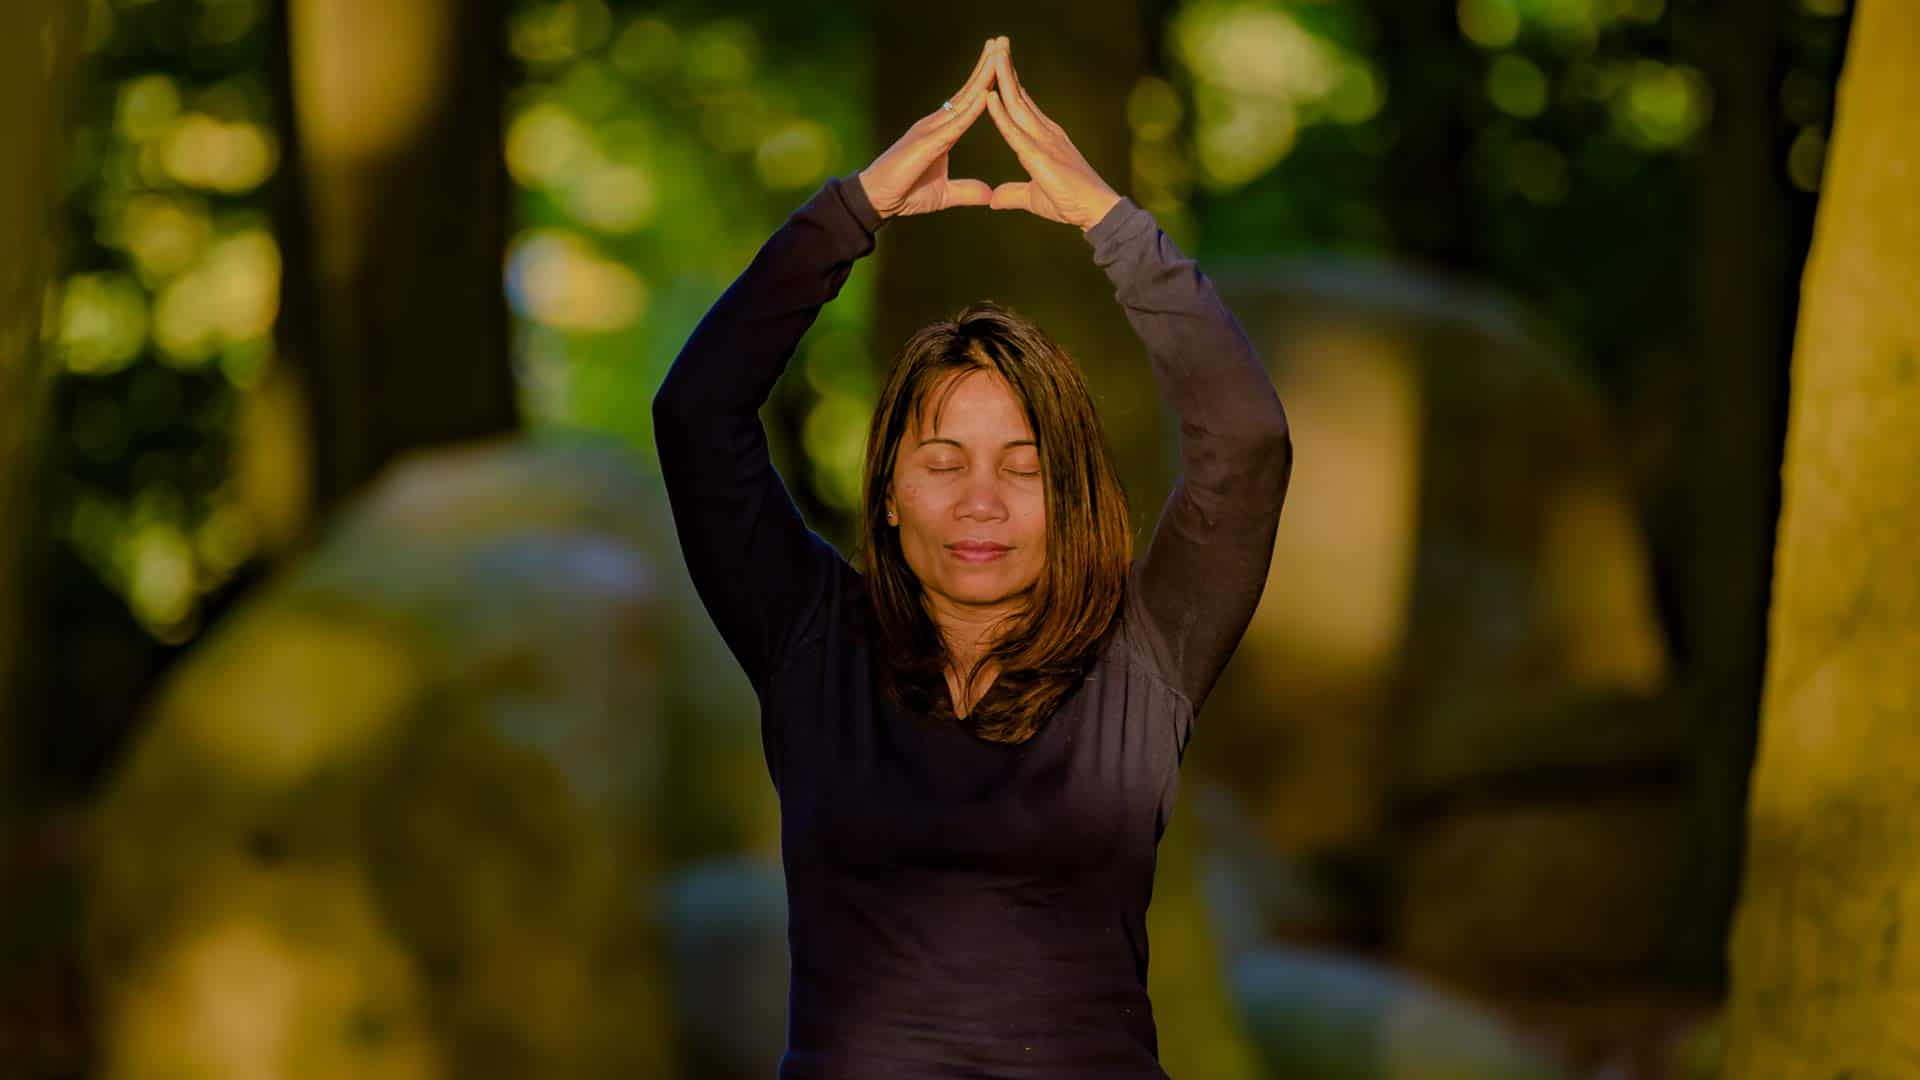 Kittima Ebeling mit innerer Ruhe auf einem Findling. Kittima ist dien Gründerin des LANAI SPA